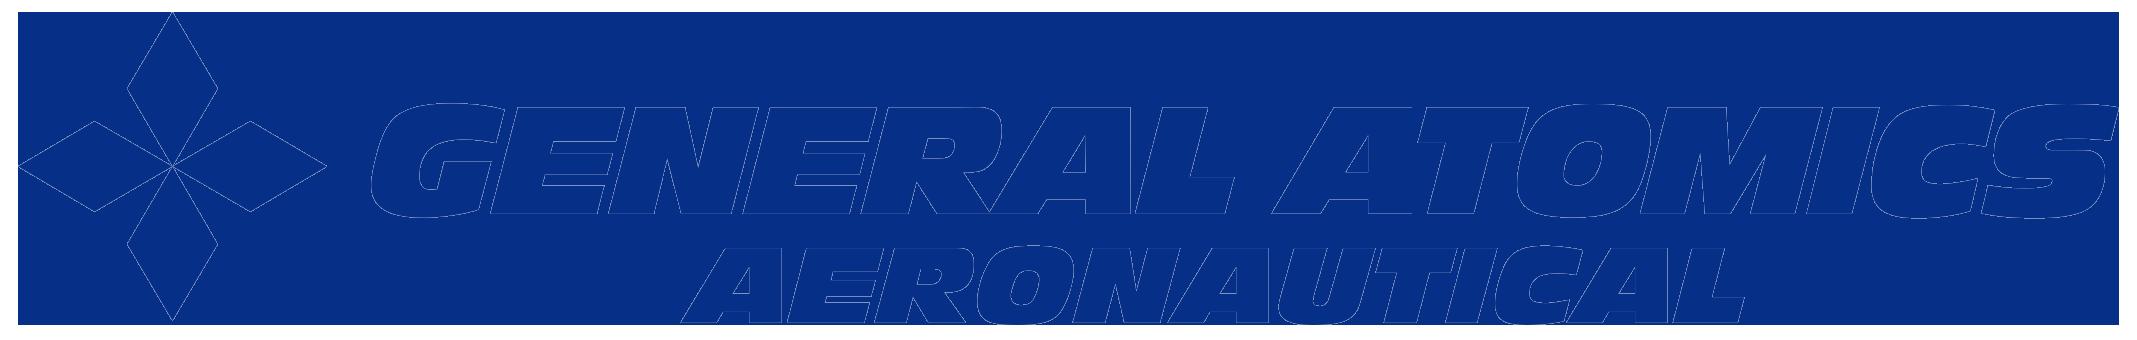 GA-ASI Logo_0219.png